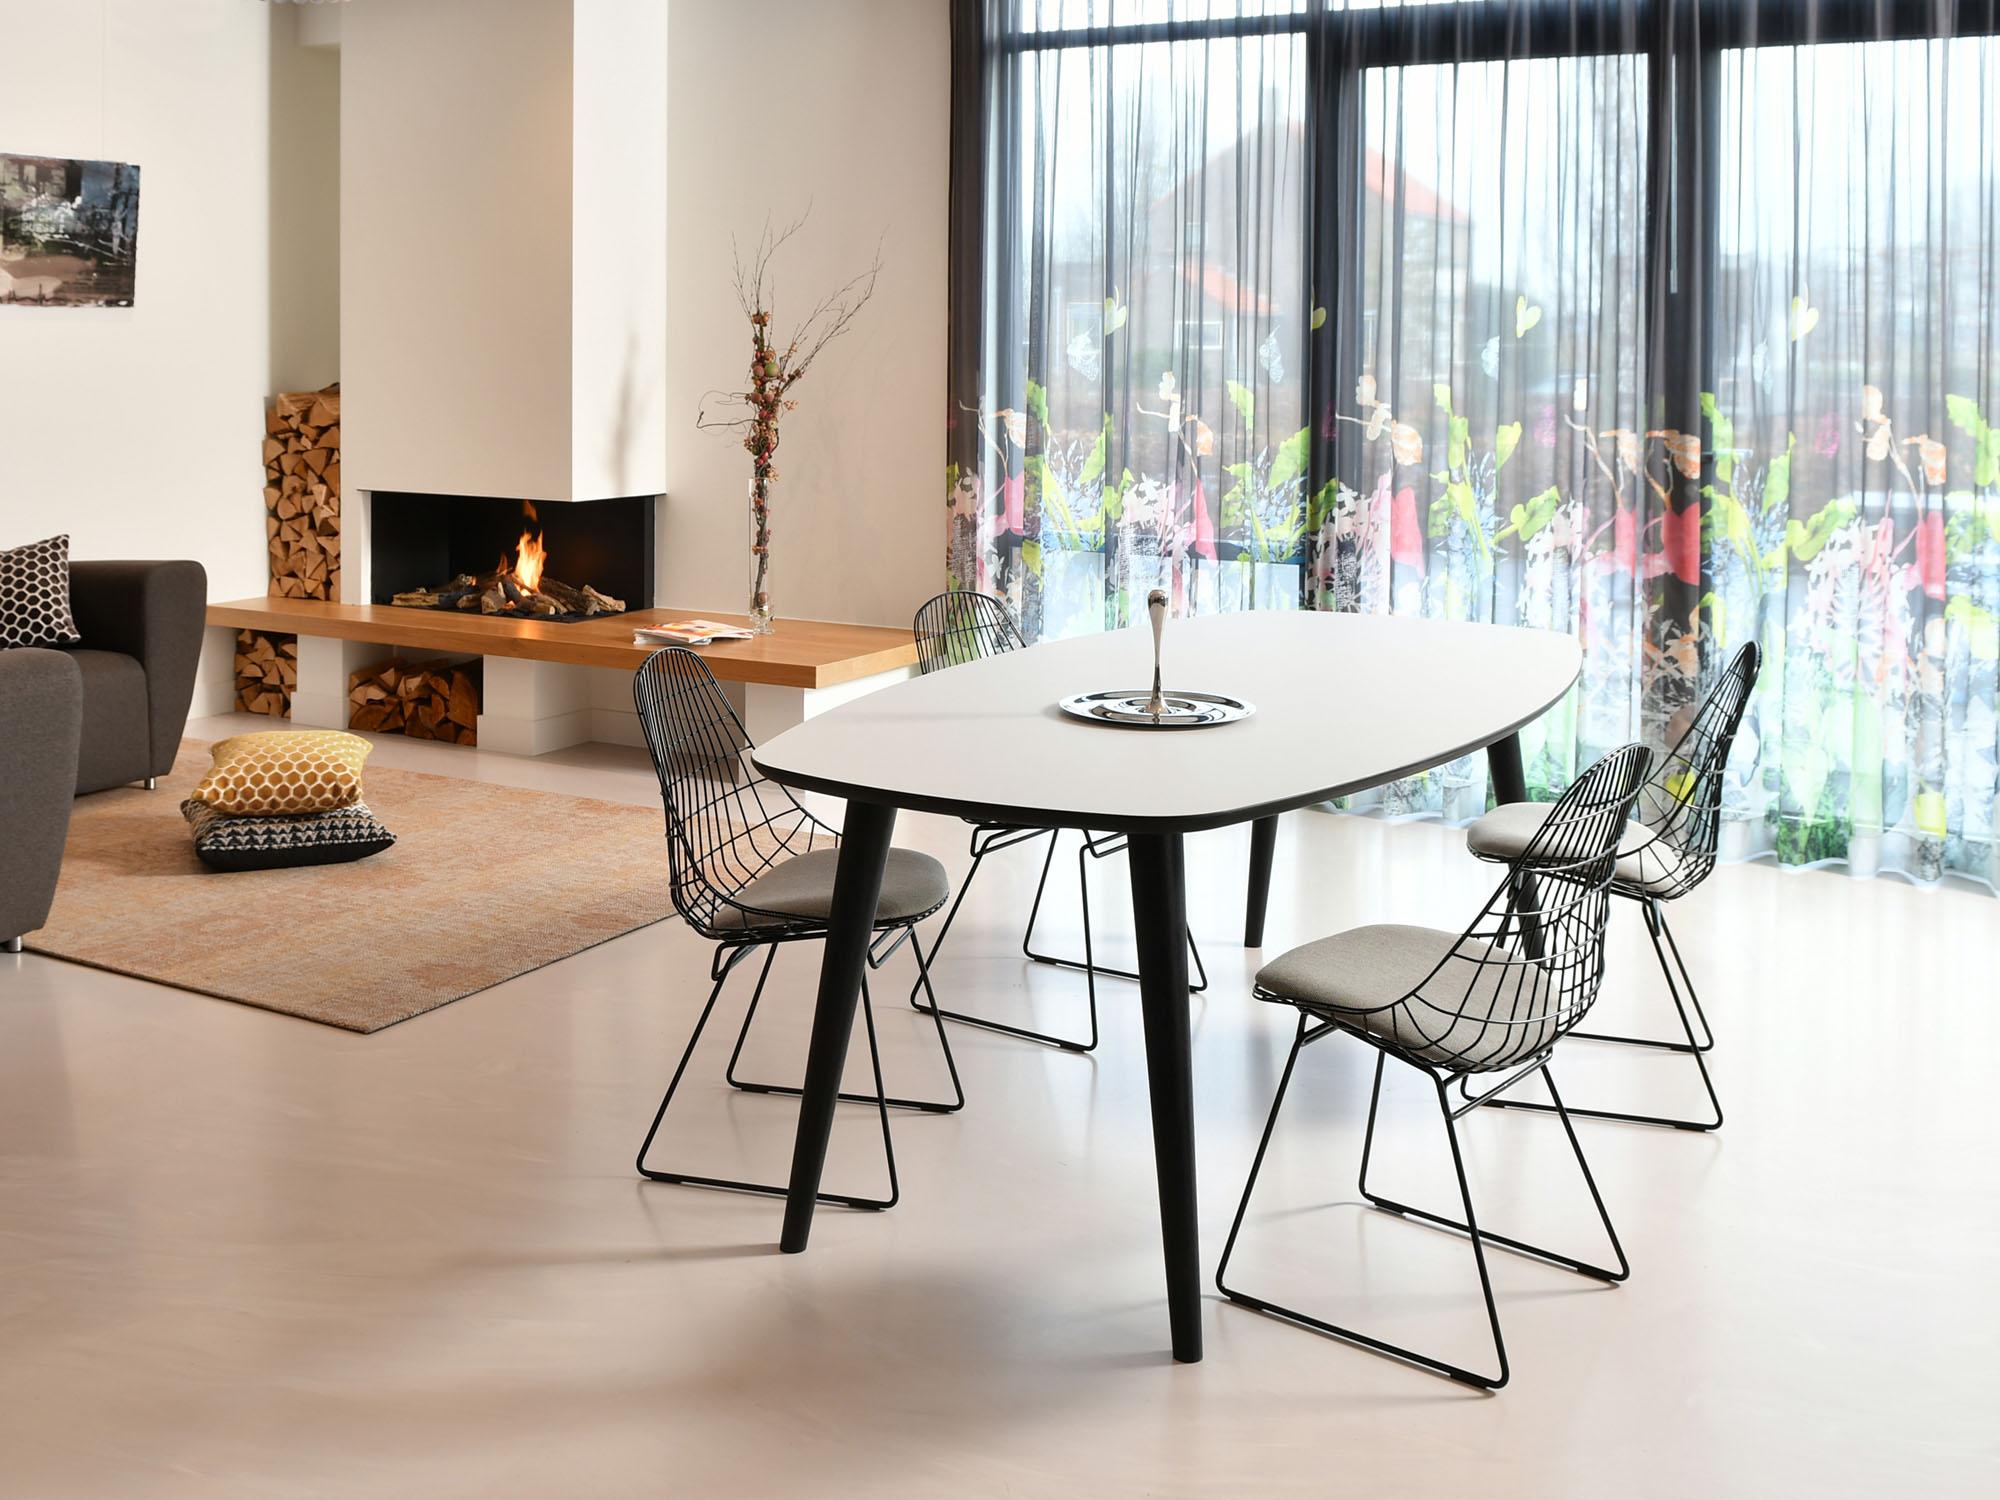 RP-tafel, ontwerp door Coen Castelijn